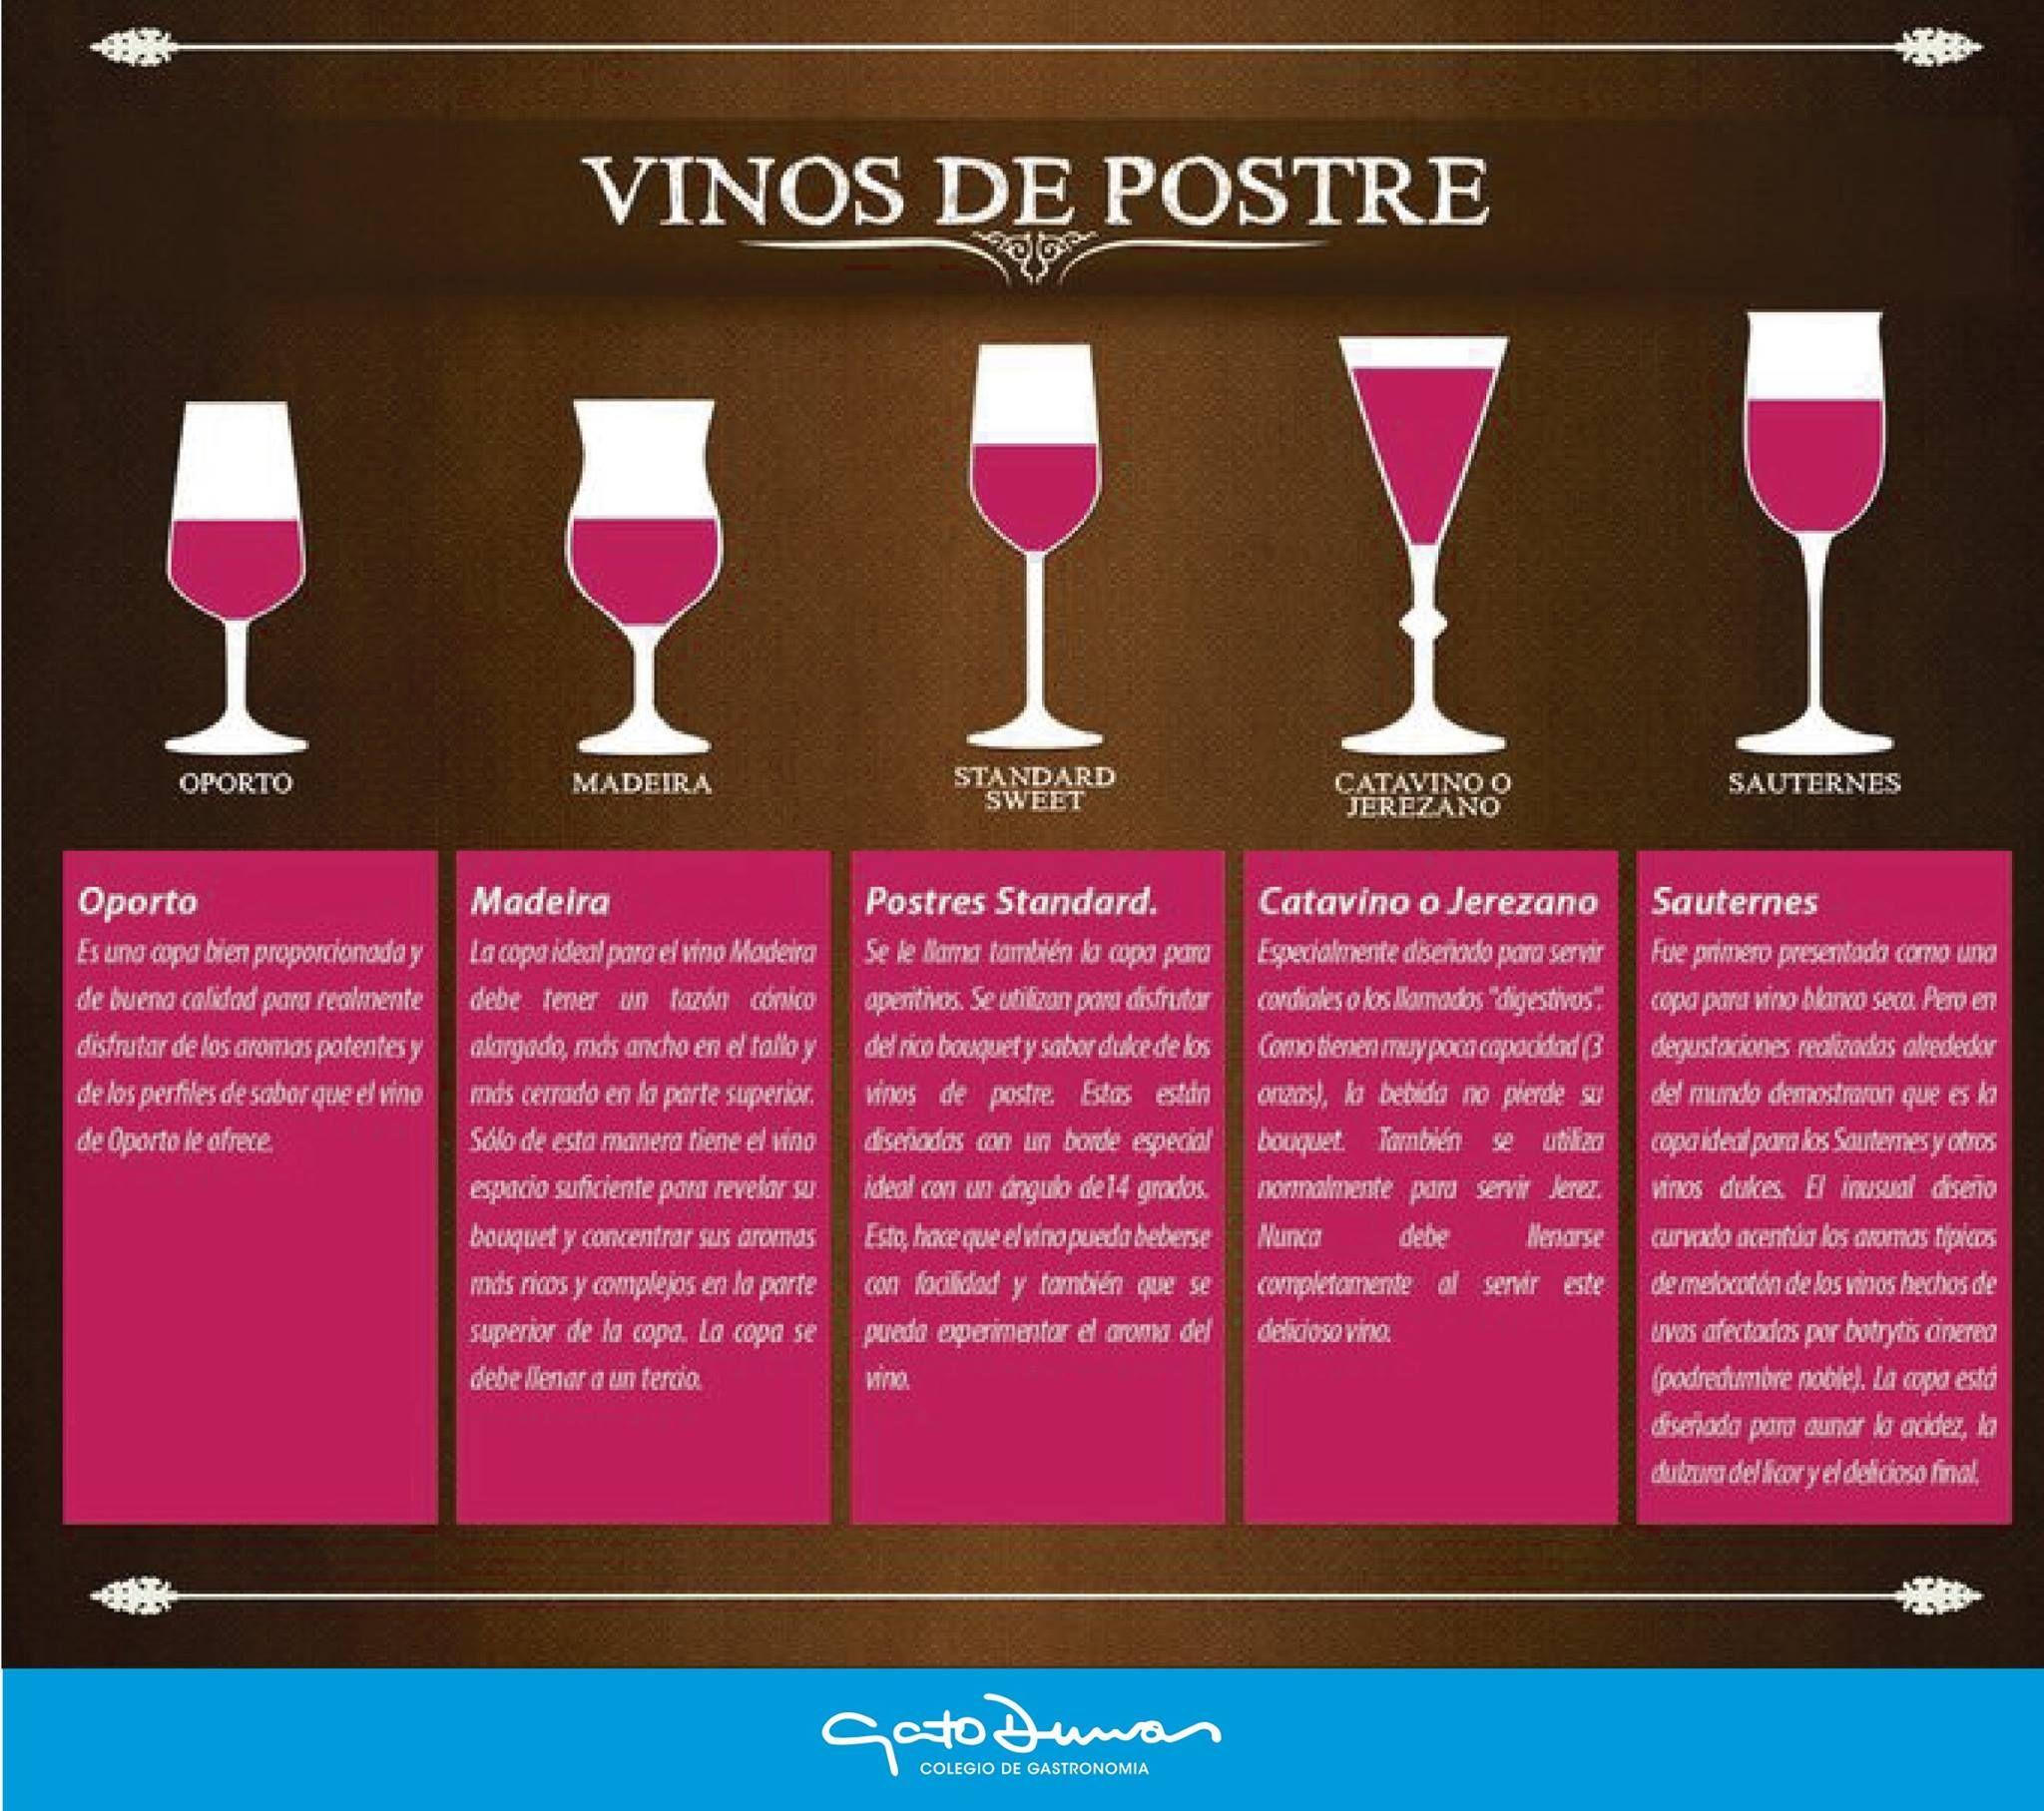 Tipos De Copas Para Vinos De Postre Vinos De Postre Beneficios Del Vino Vinos